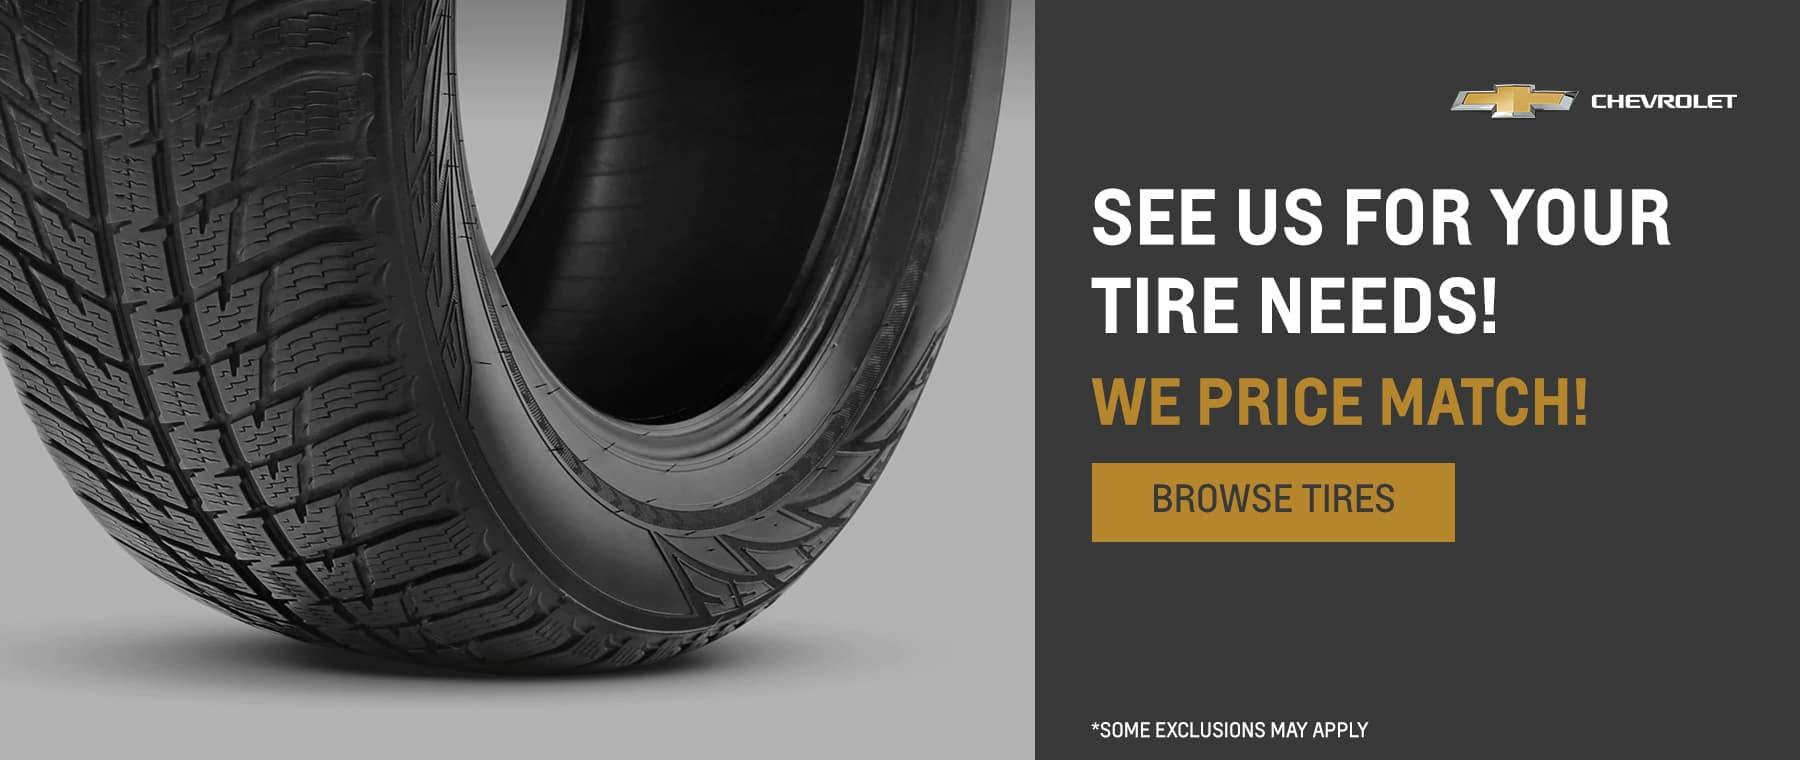 Tire Price Match